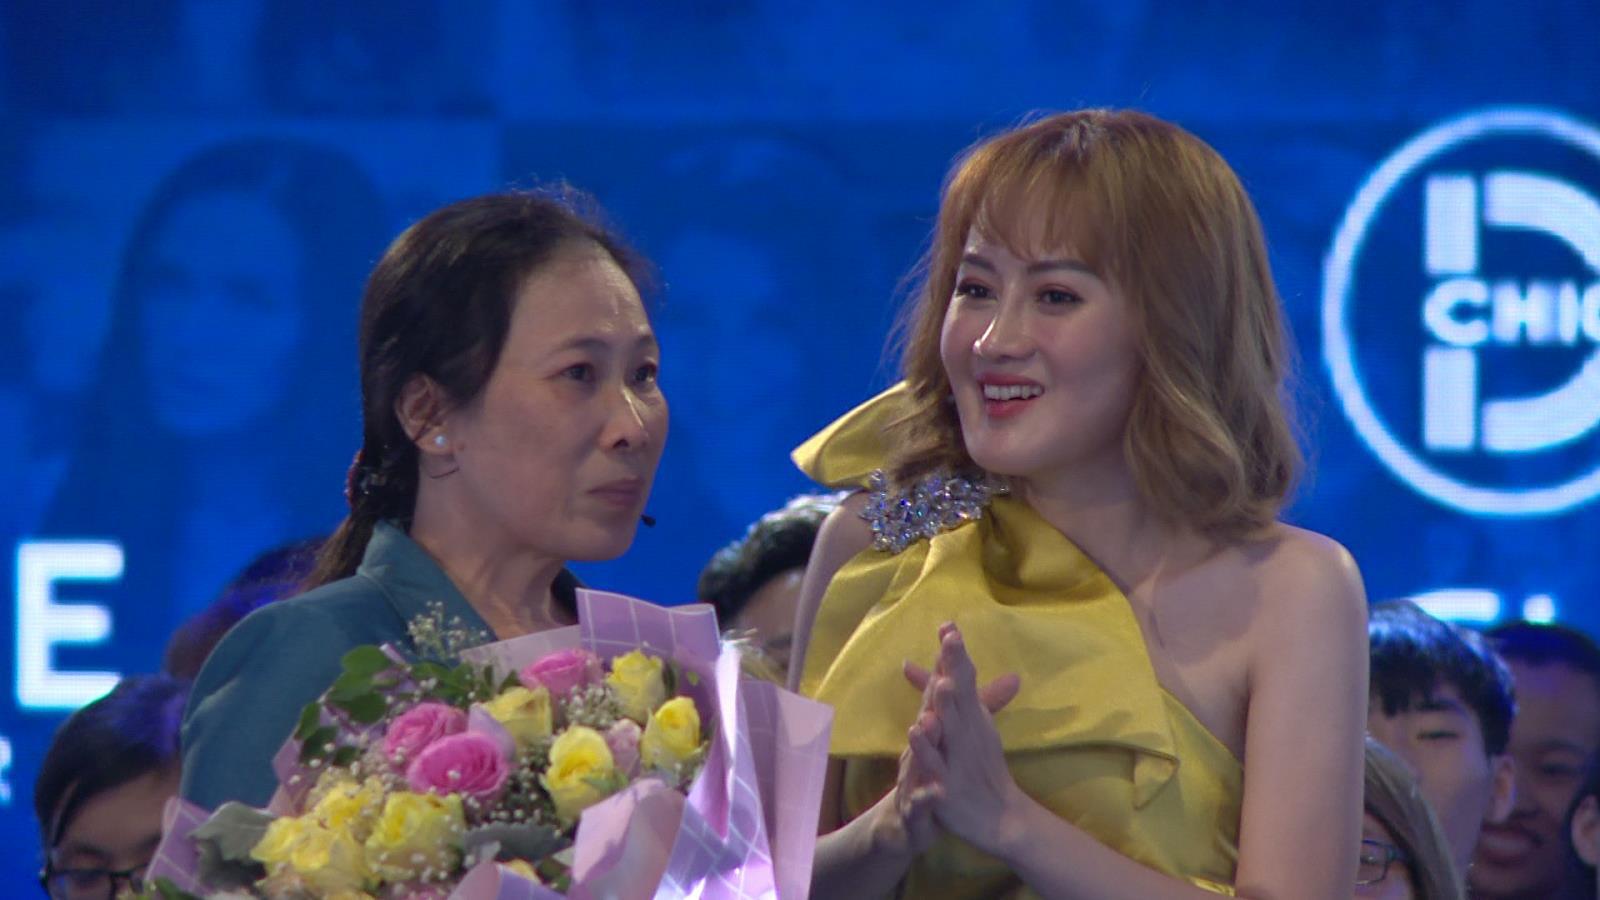 """Đạo diễn Lê Hoàng phát ngôn chặt chém nhưng vẫn """"rất tình"""" trong show thẩm mỹ - Ảnh 3."""